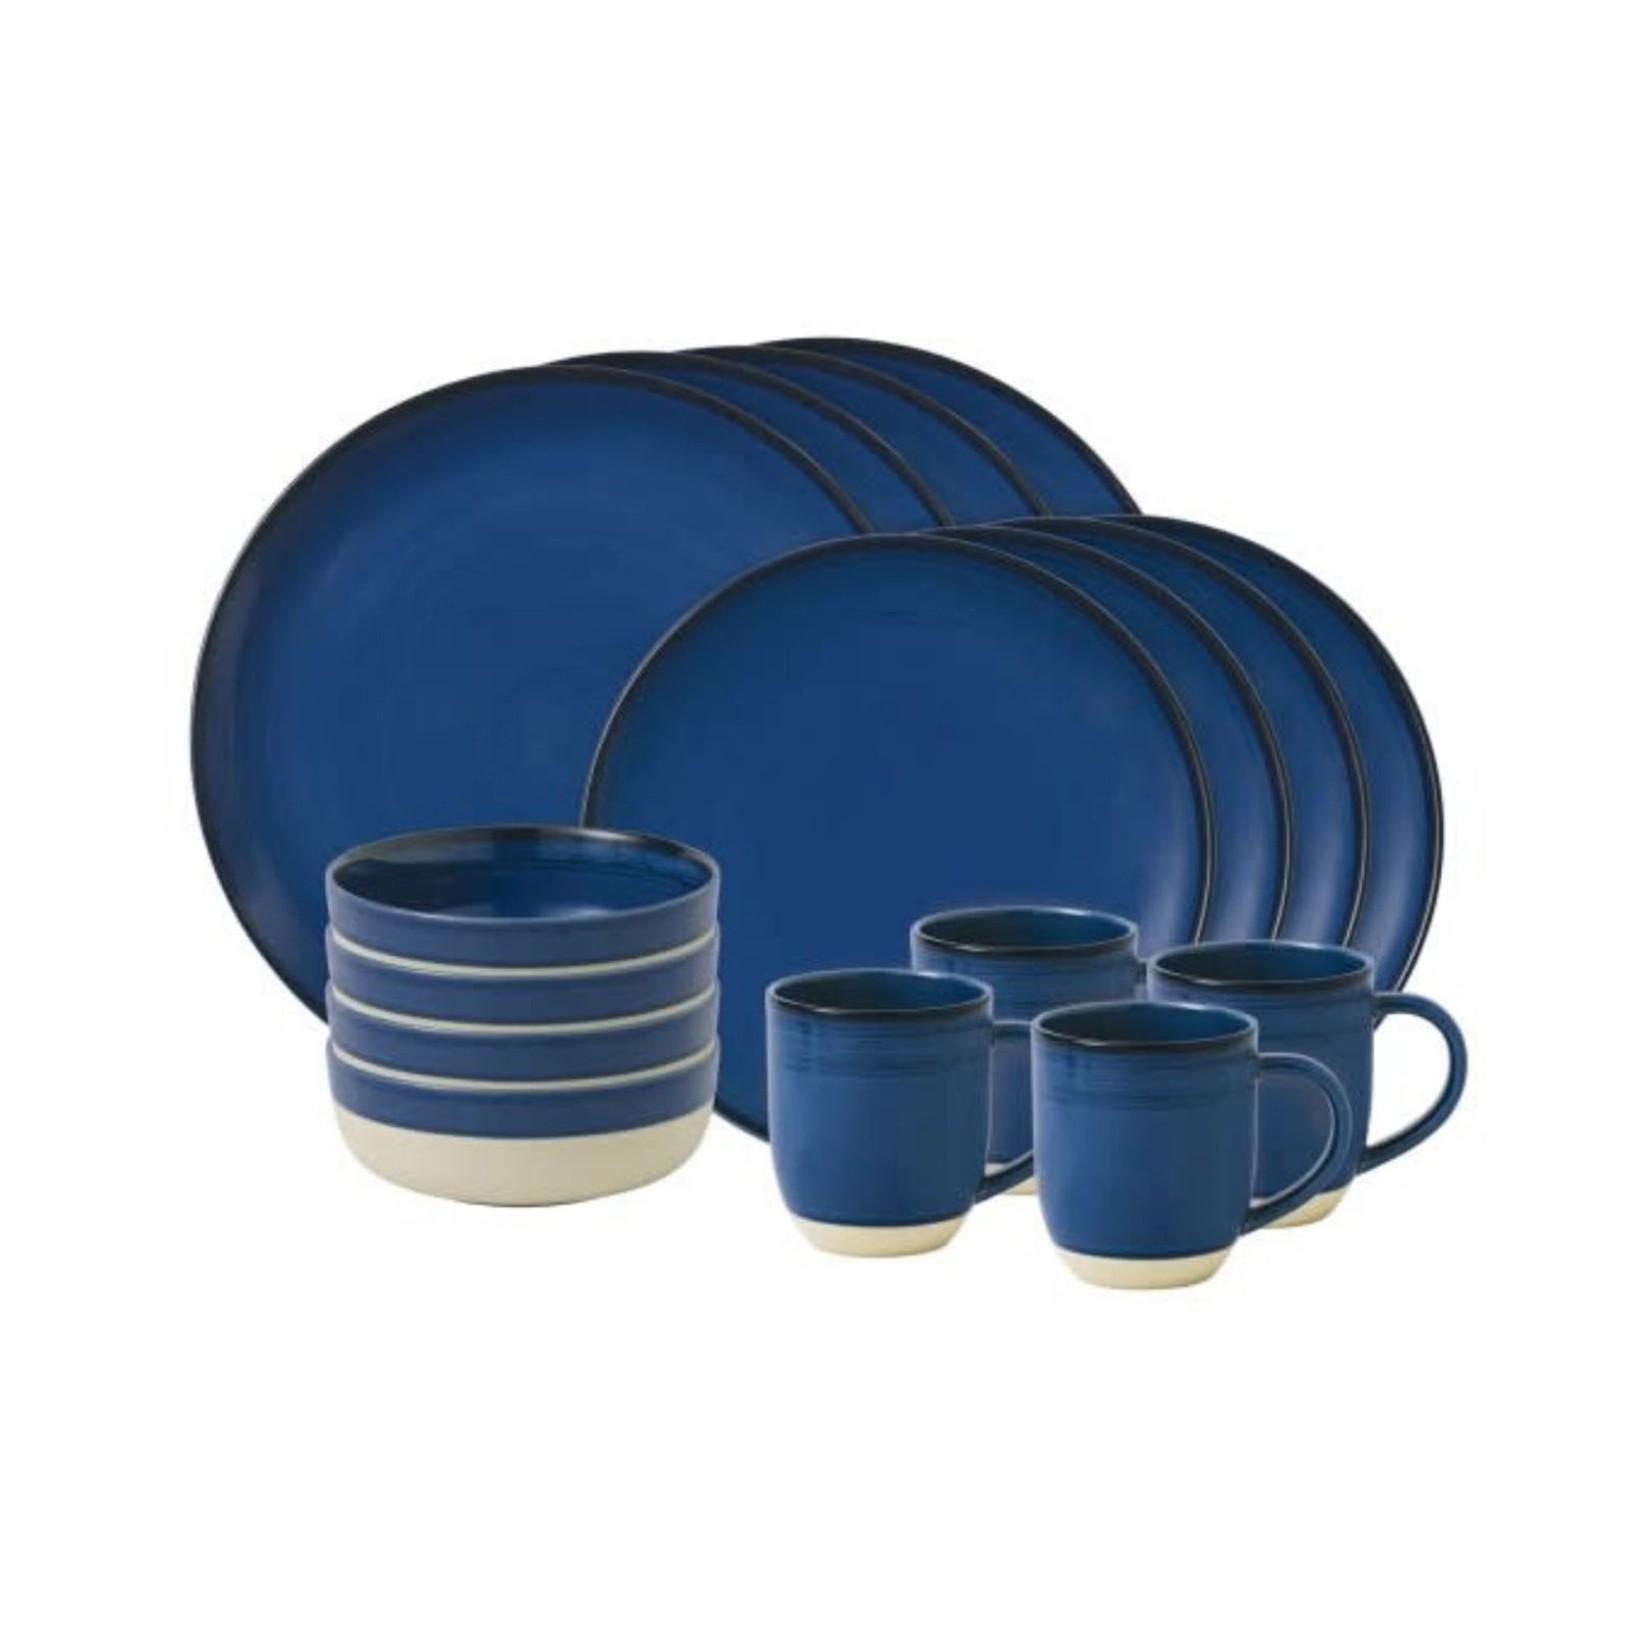 Royal Doulton Cobalt Blue Brushed Glaze 16 Piece Set